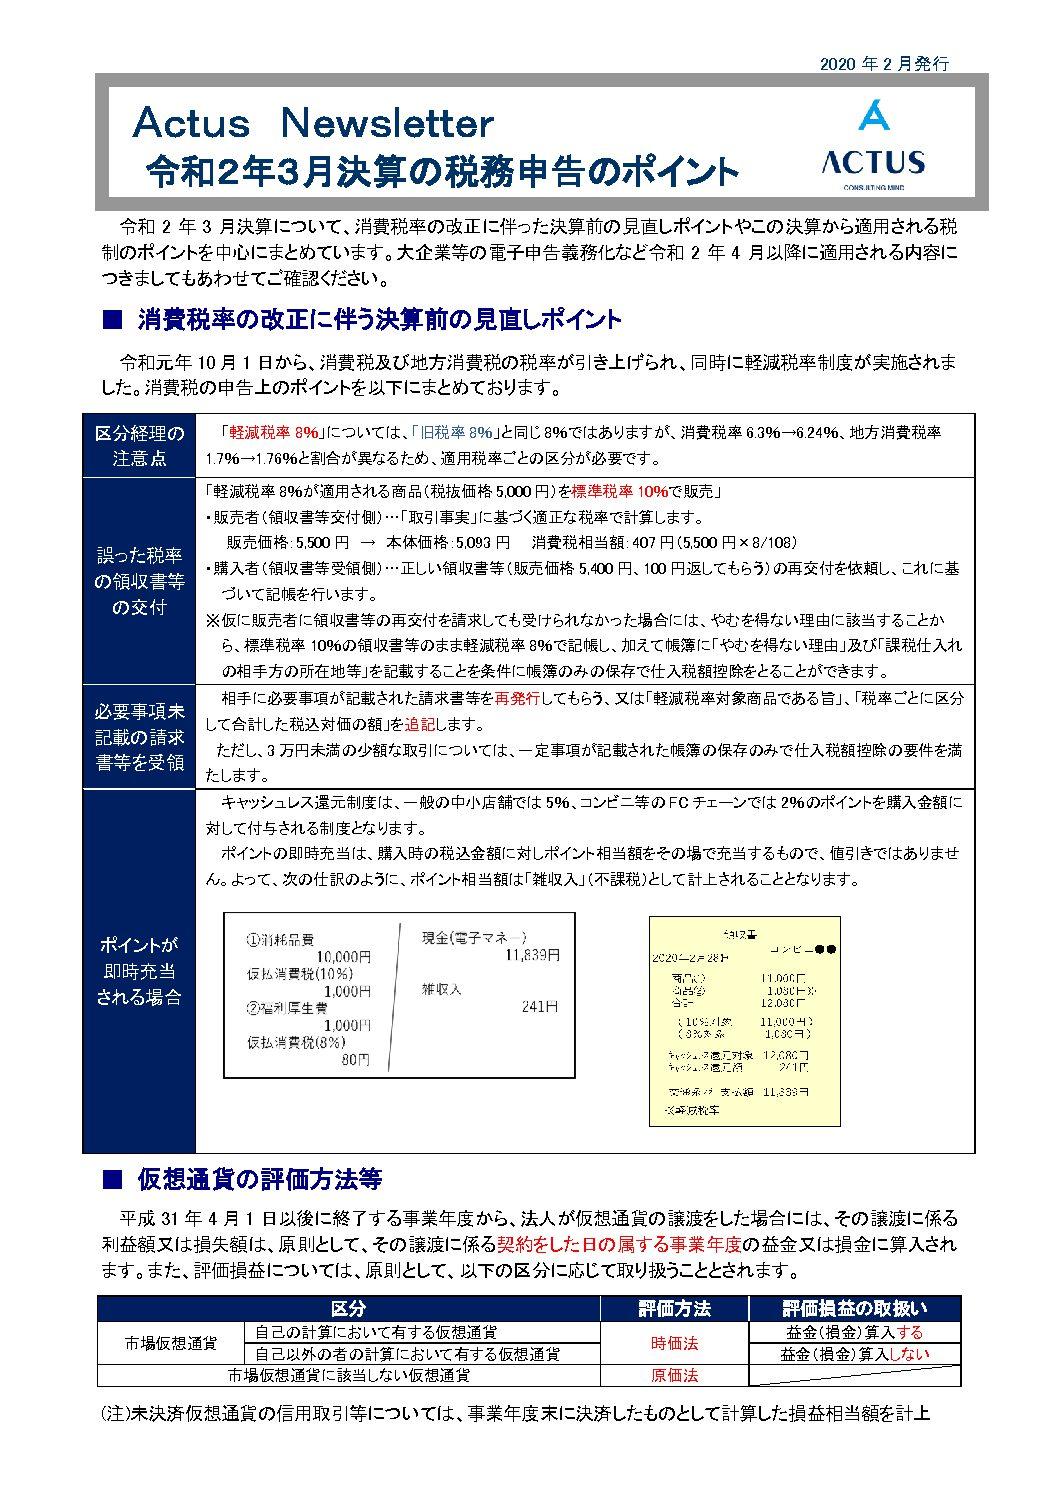 令和2年3月決算の税務申告のポイント